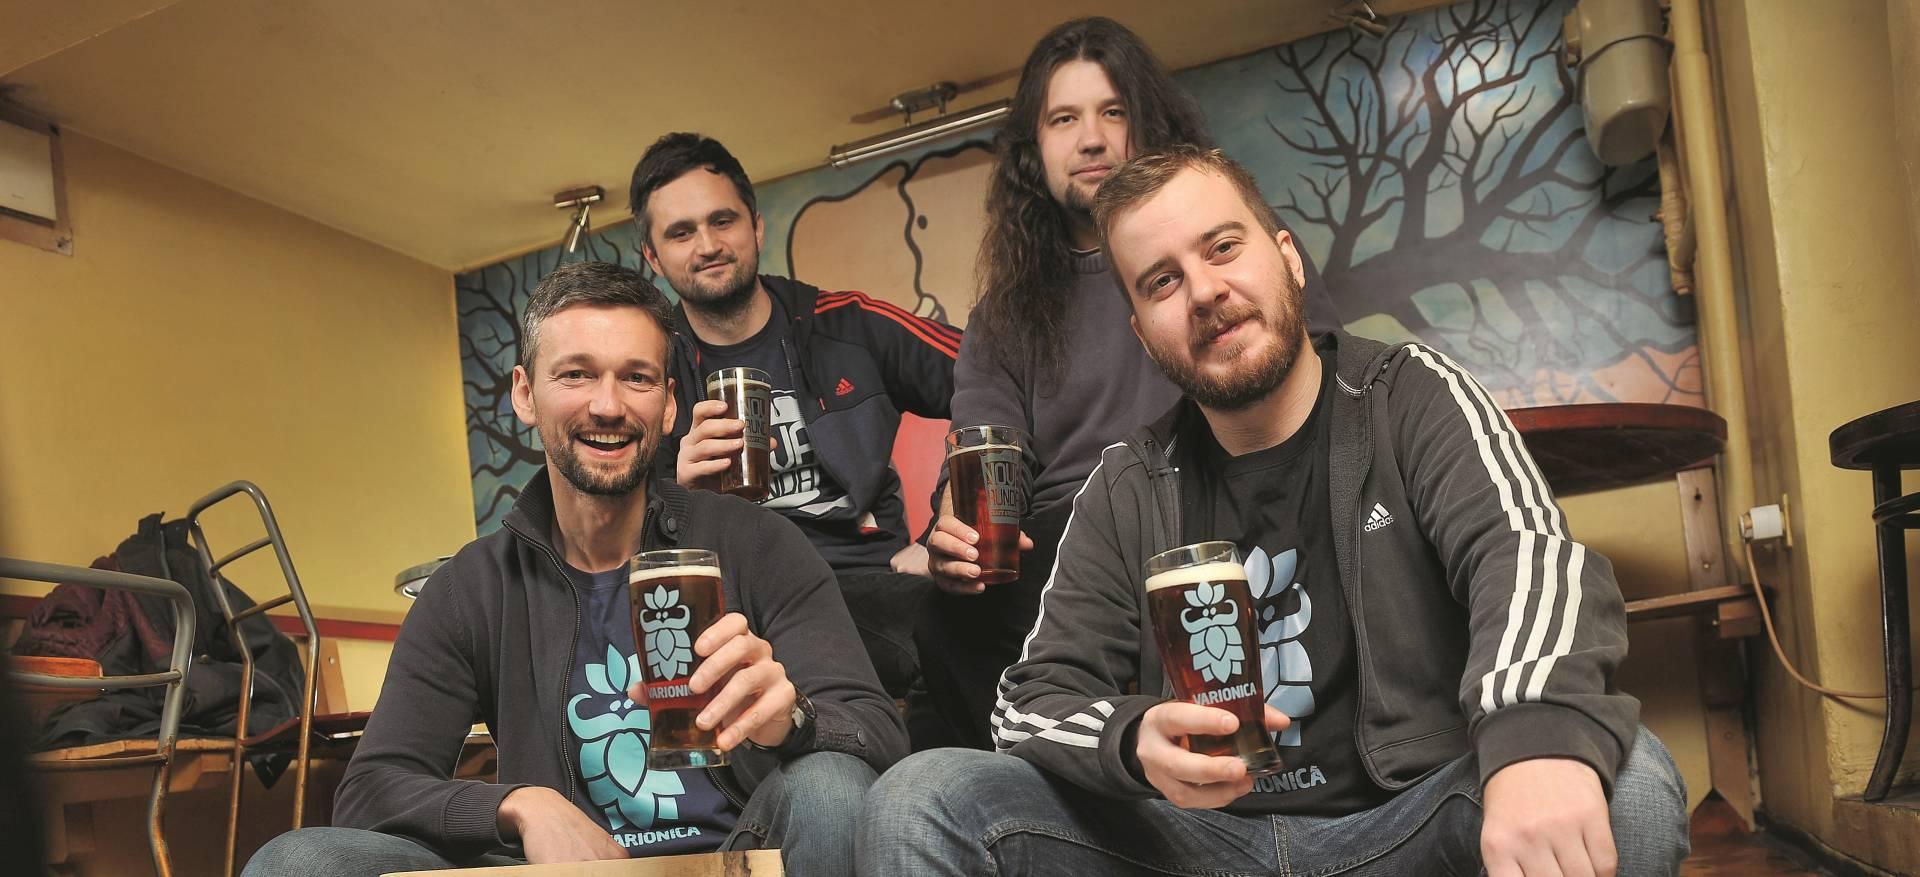 DOSSIER: Hrvatska craft revolucija – pivo iz garaže i vlastite kuhinje